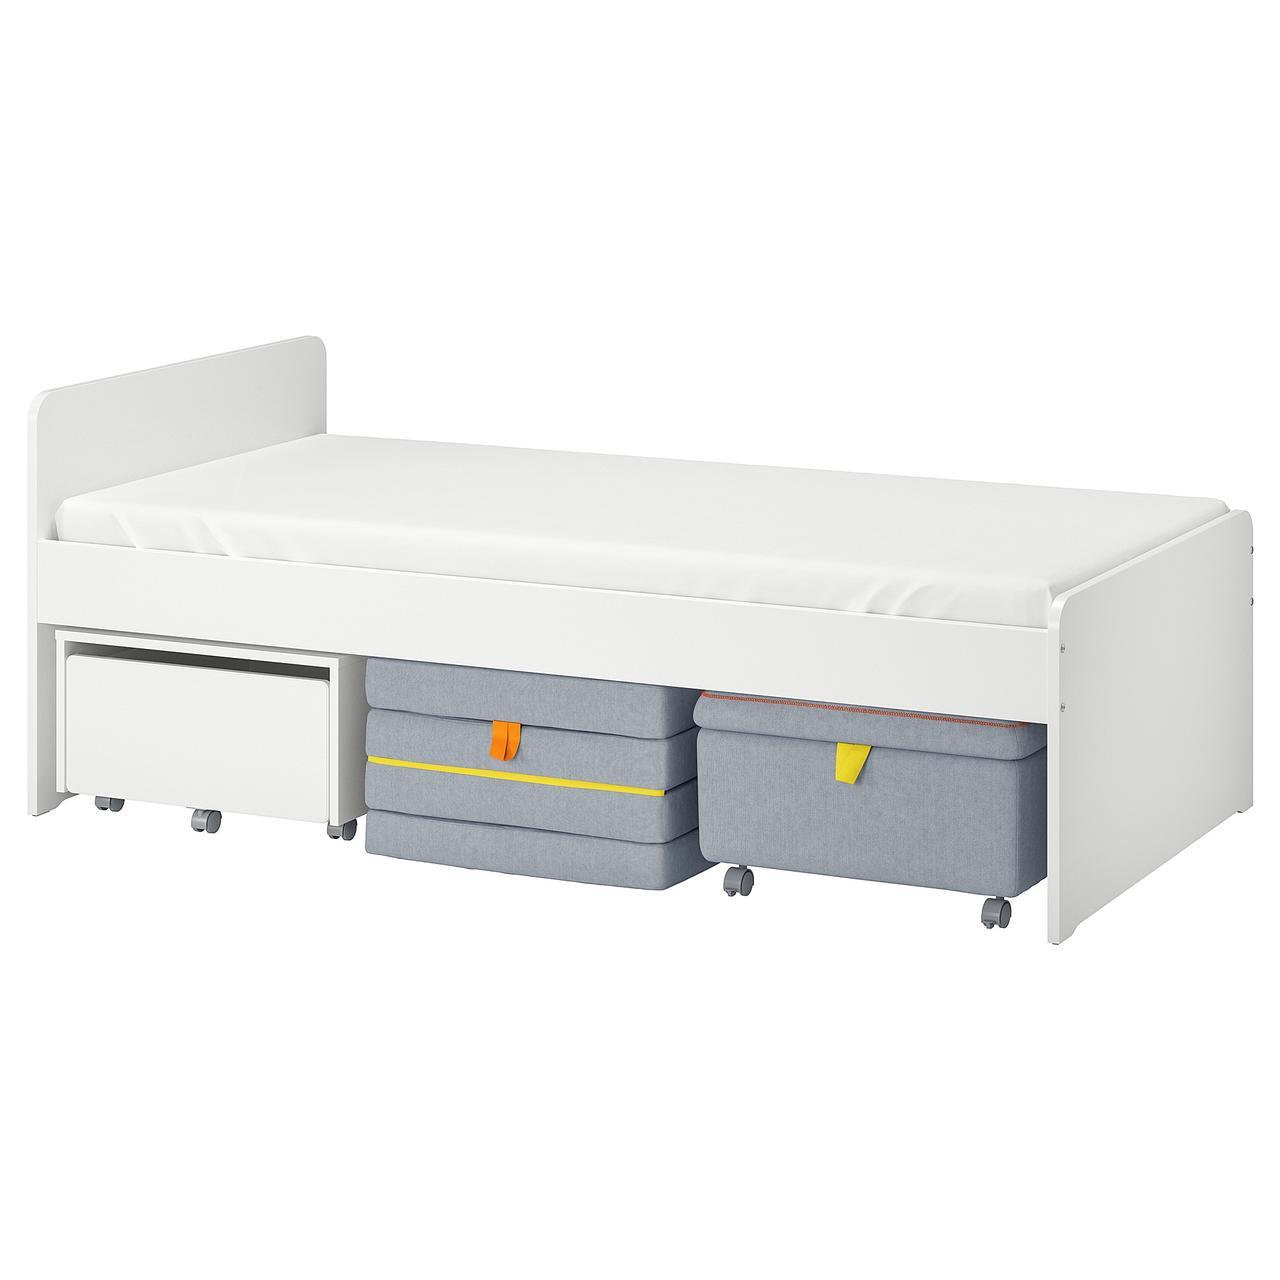 СЛЭКТ Каркас кровати с секцией дивана, белый, серый